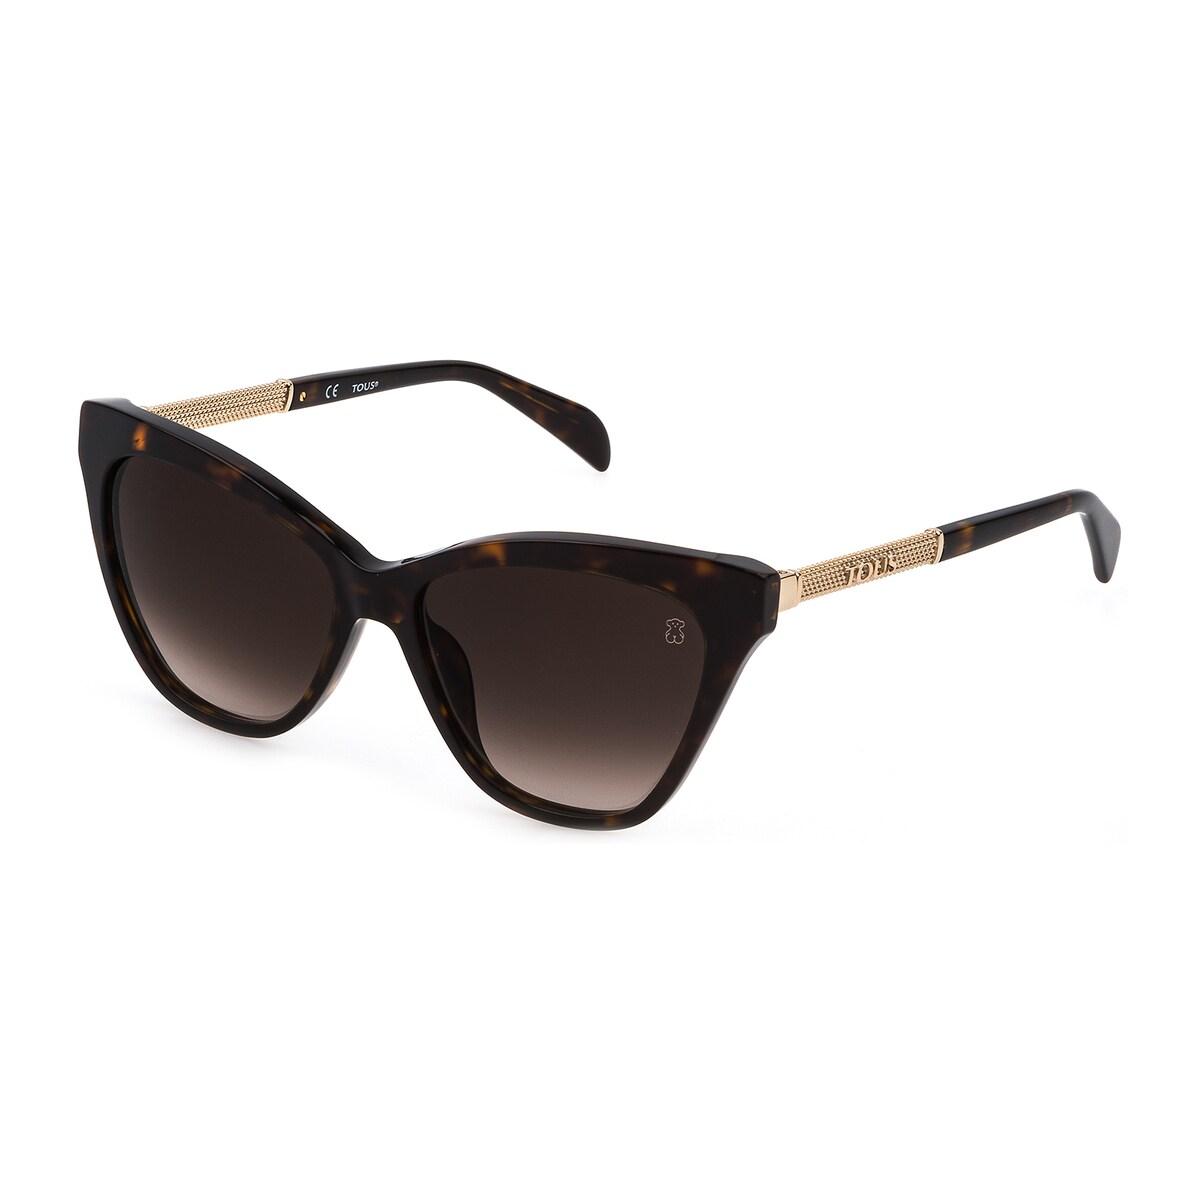 Óculos de sol Mesh na cor castanha